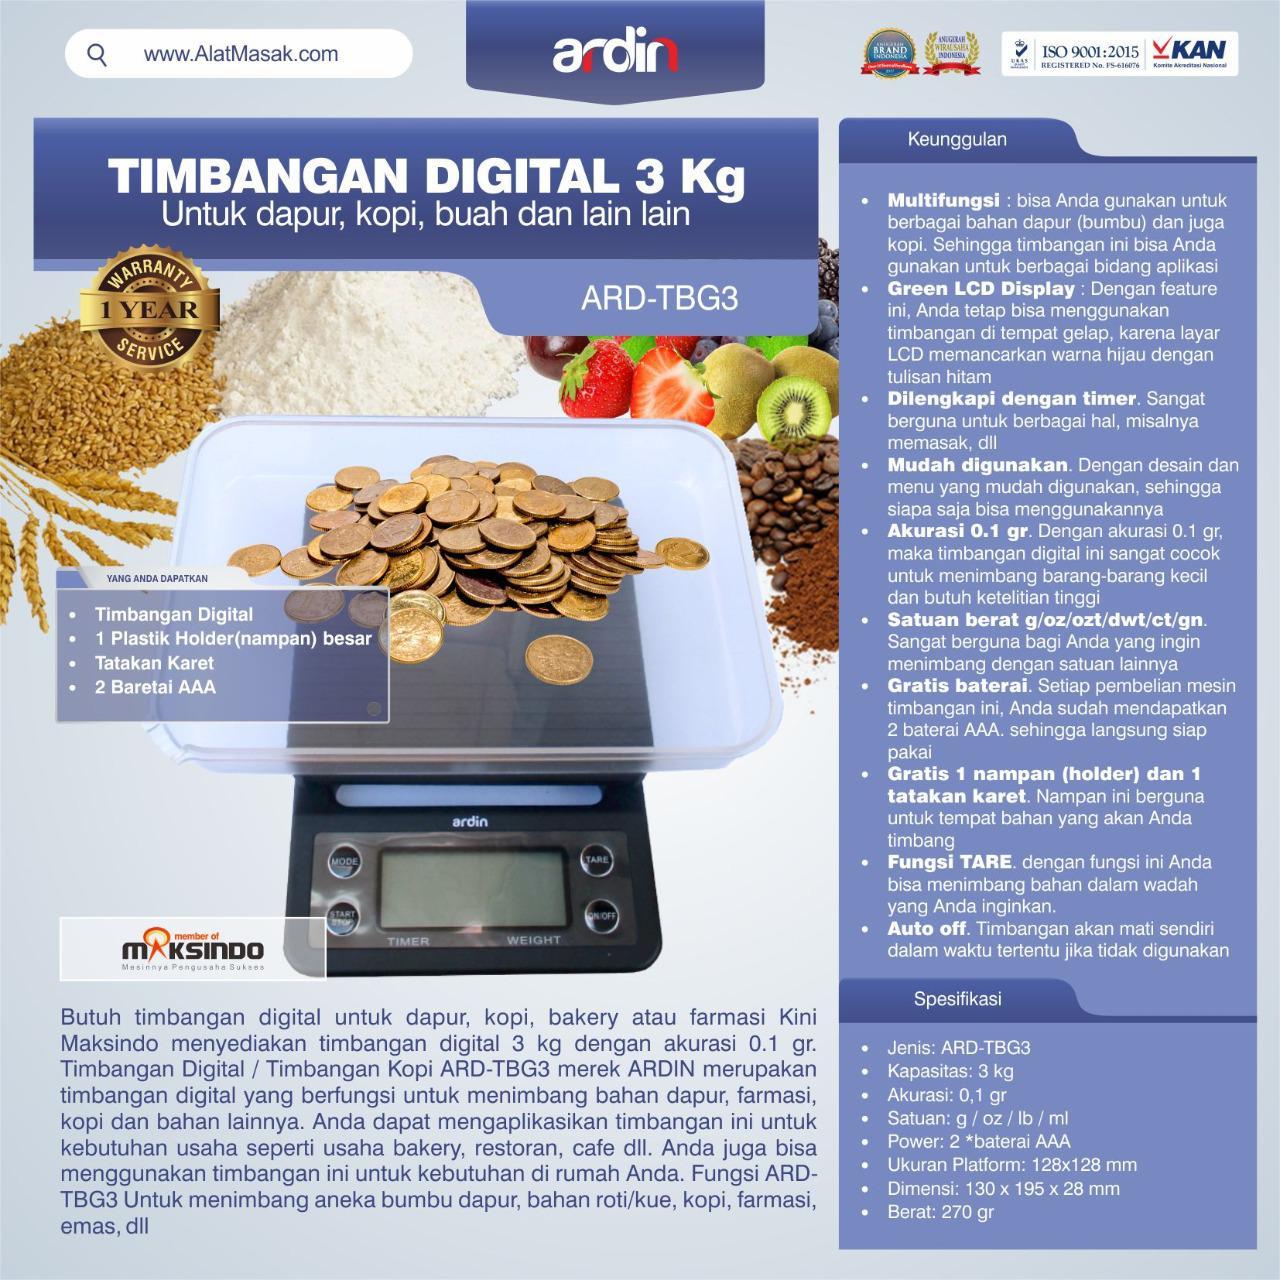 Jual Timbangan Digital 3 kg / Timbangan Kopi ARD-TBG3 di Blitar